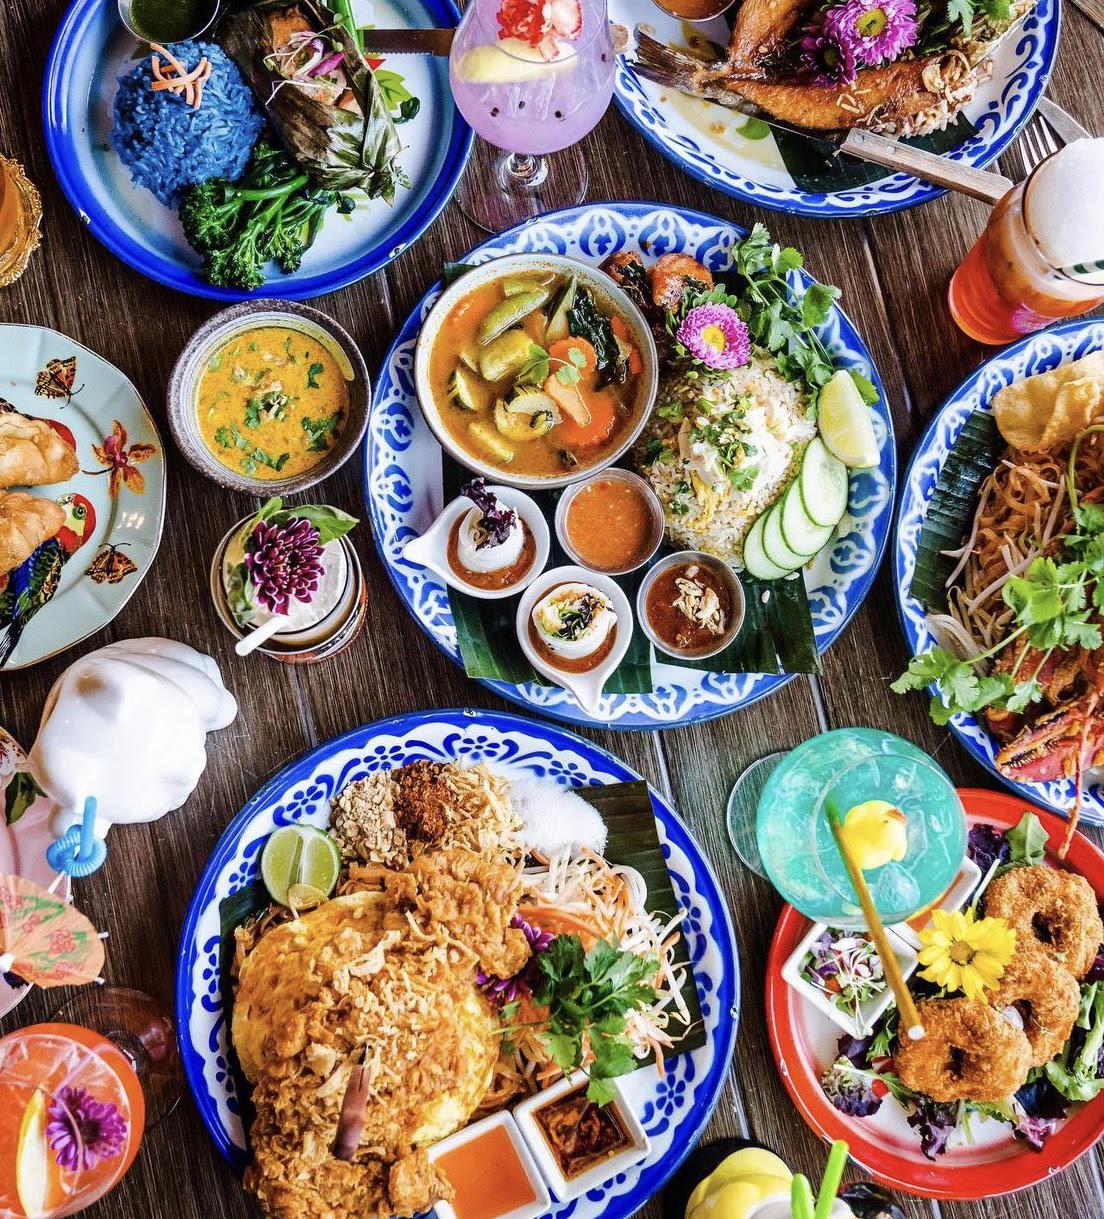 大饱口福~超级丰盛的Thai Food 图2